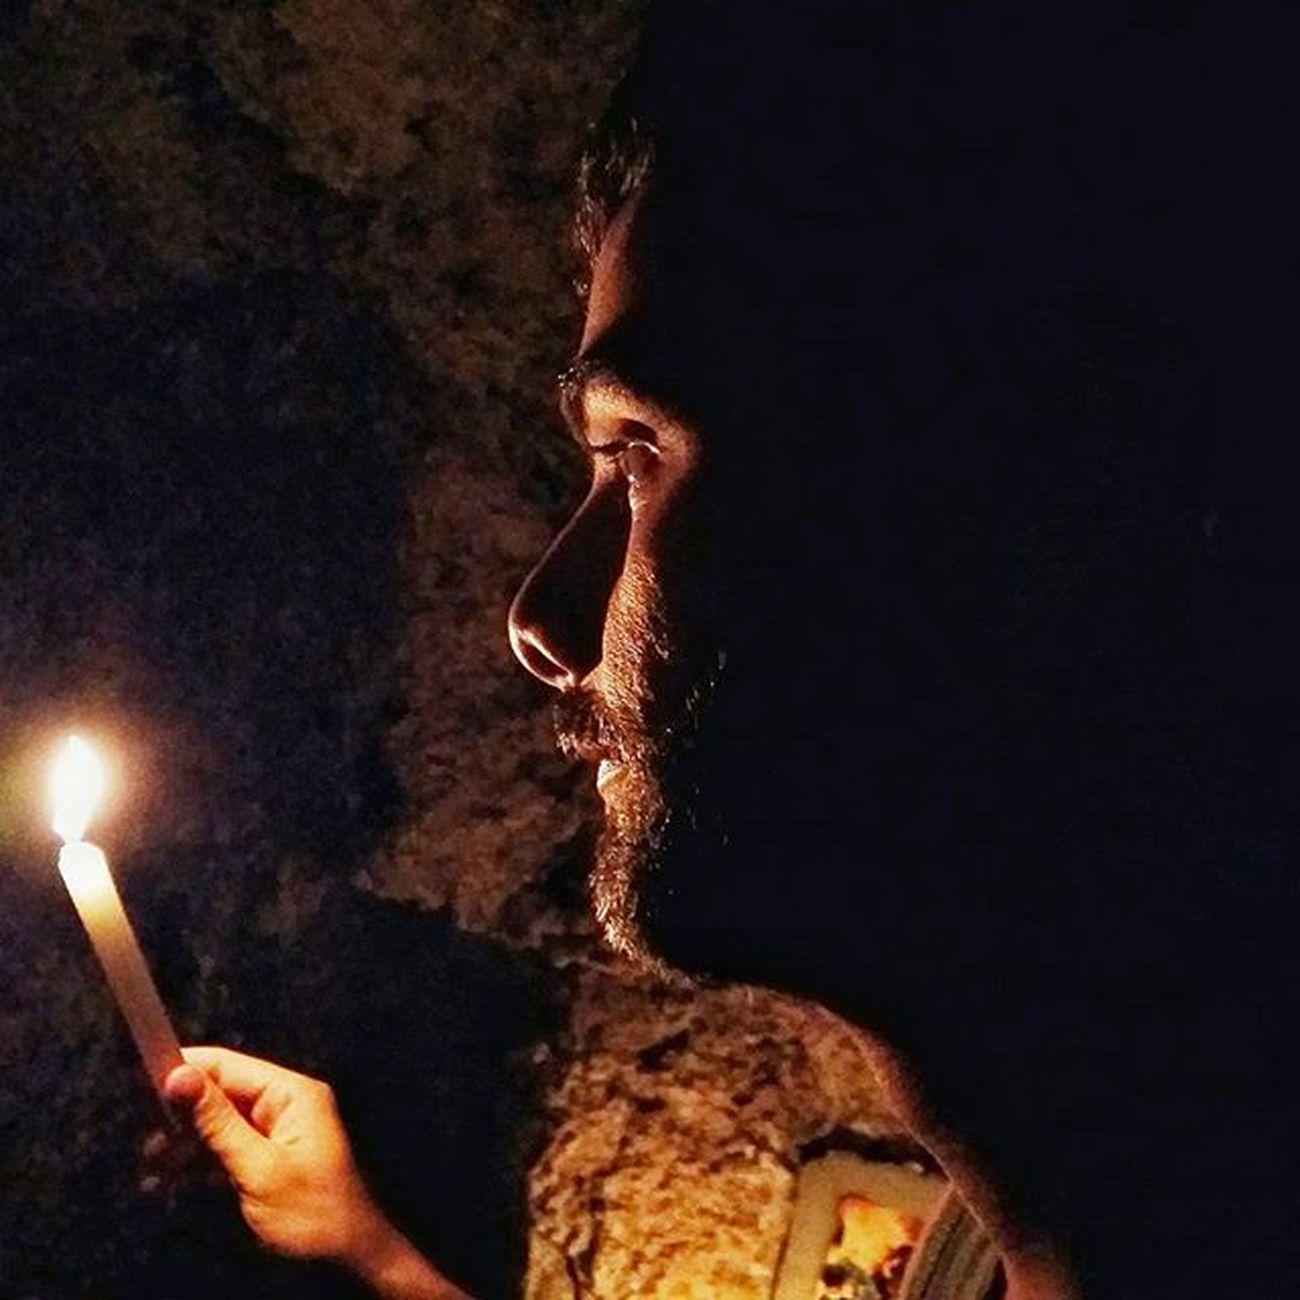 Quarta feira de cinzas Exposição Parquelage Lights @leandrosalgueiro